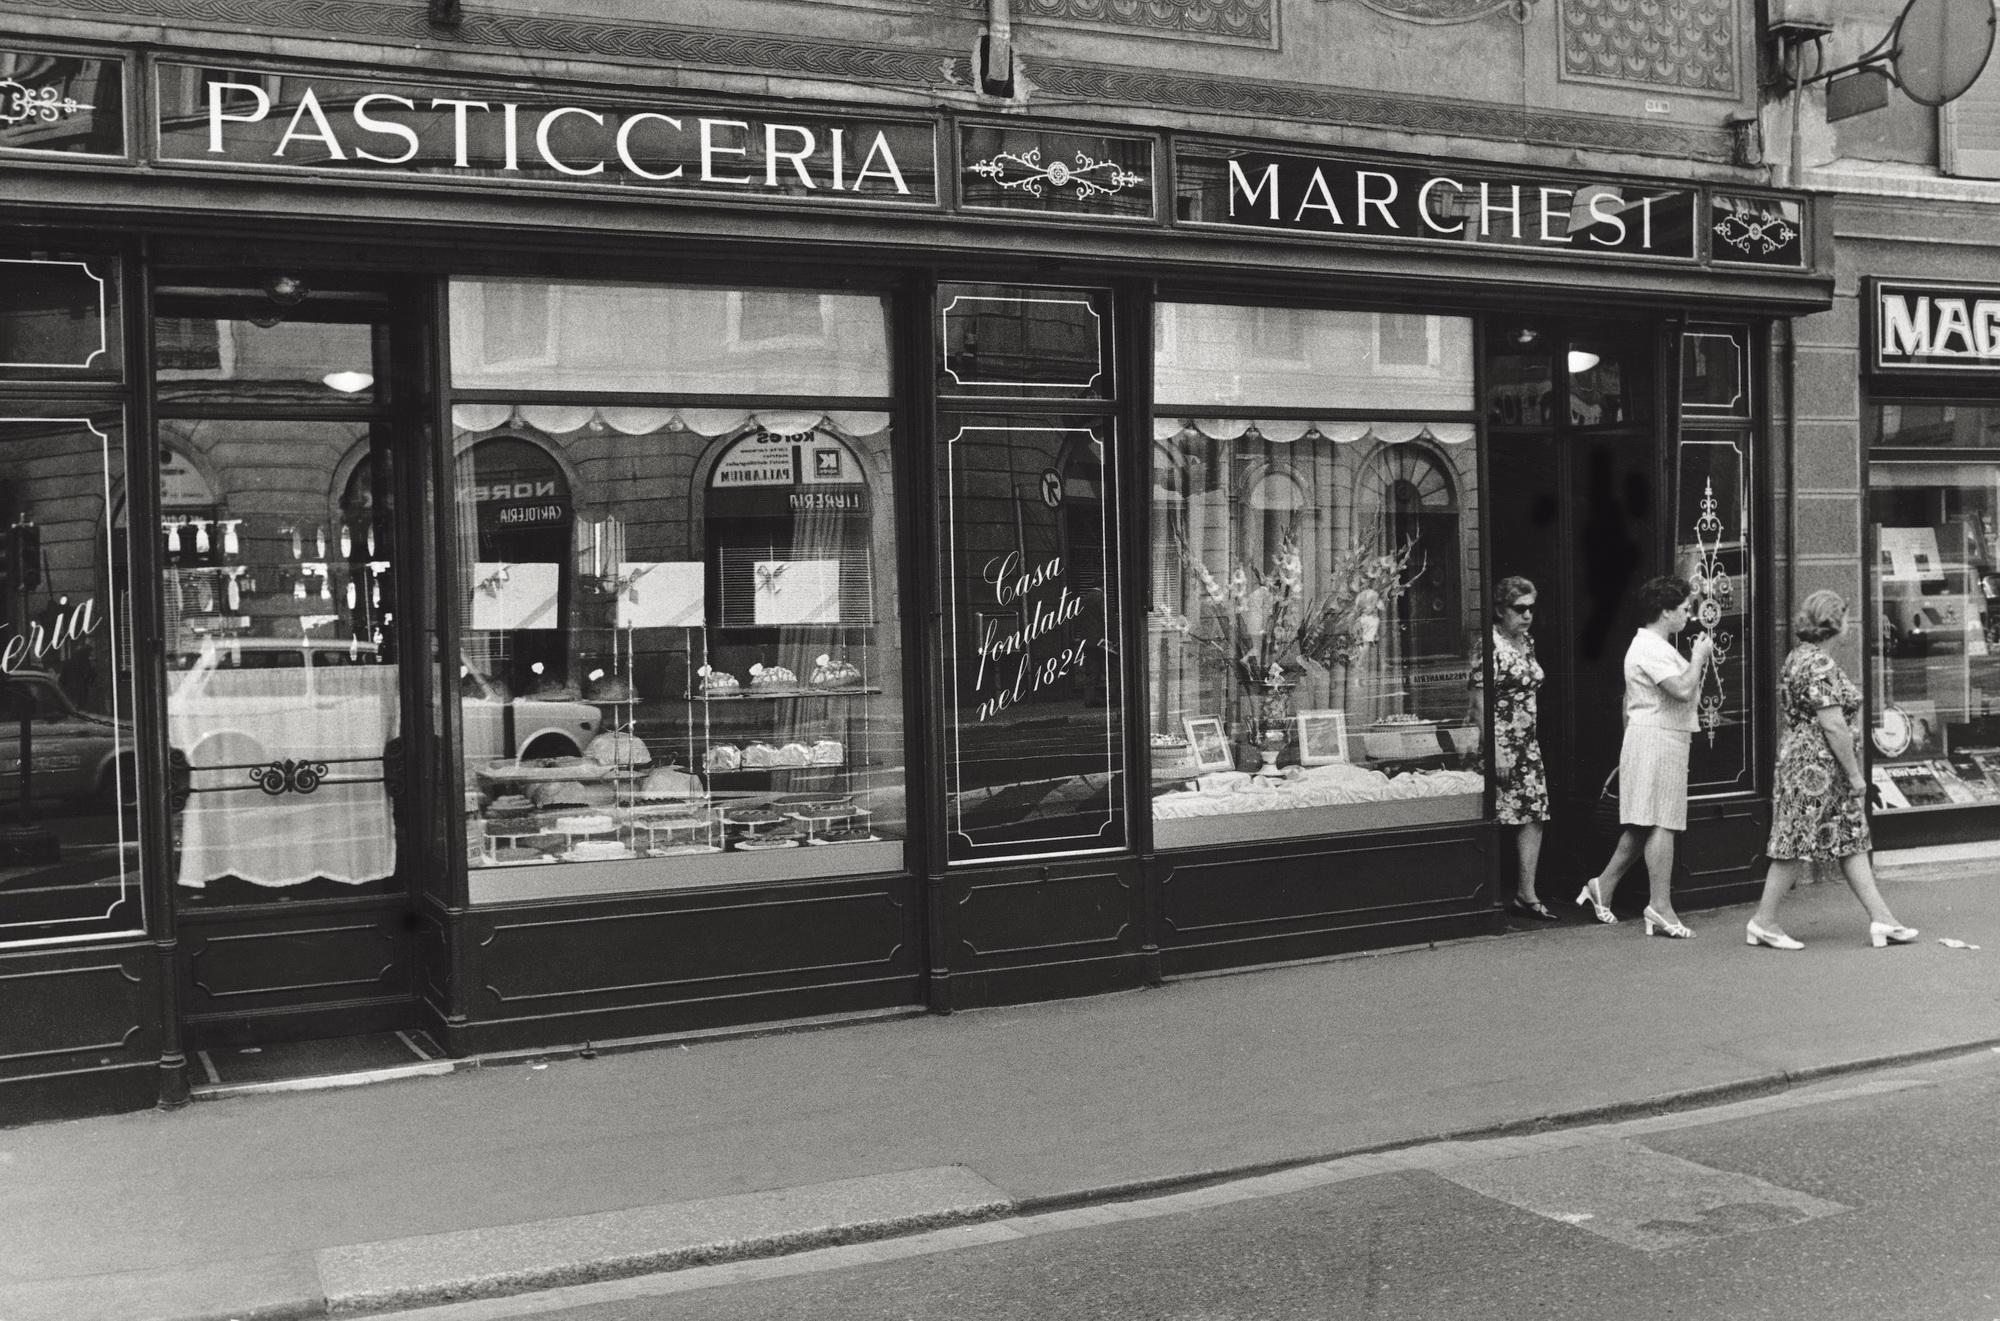 Three Italian women coming out from the Marchesi pastry shop in Via Santa Maria alla Porta. Milan, September 1971 (Photo by Gualtiero Raffagli/Mondadori Portfolio via Getty Images)